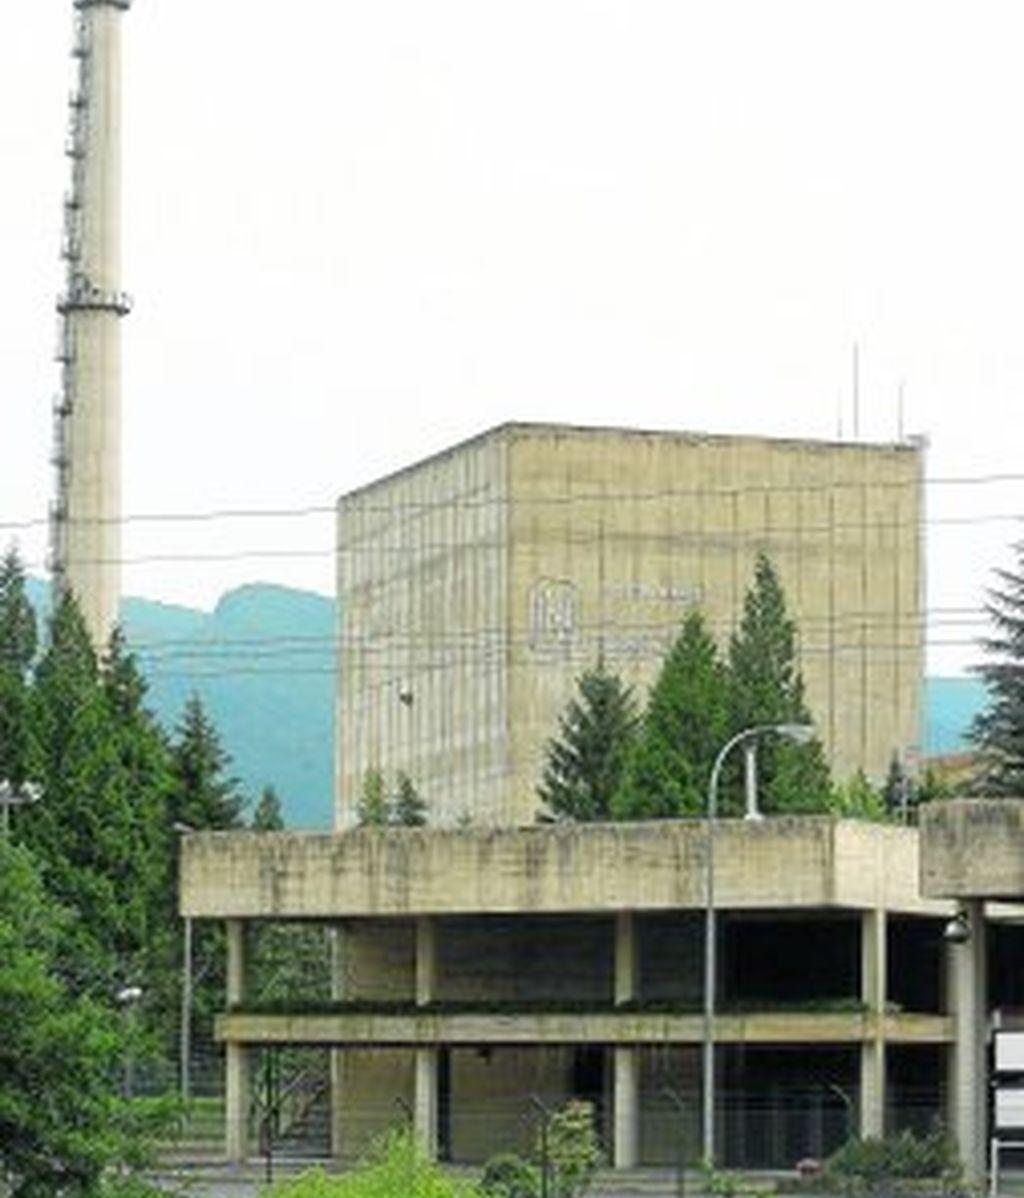 Imagen del exterior de la central nuclear de Garoña. Foto: EFE.